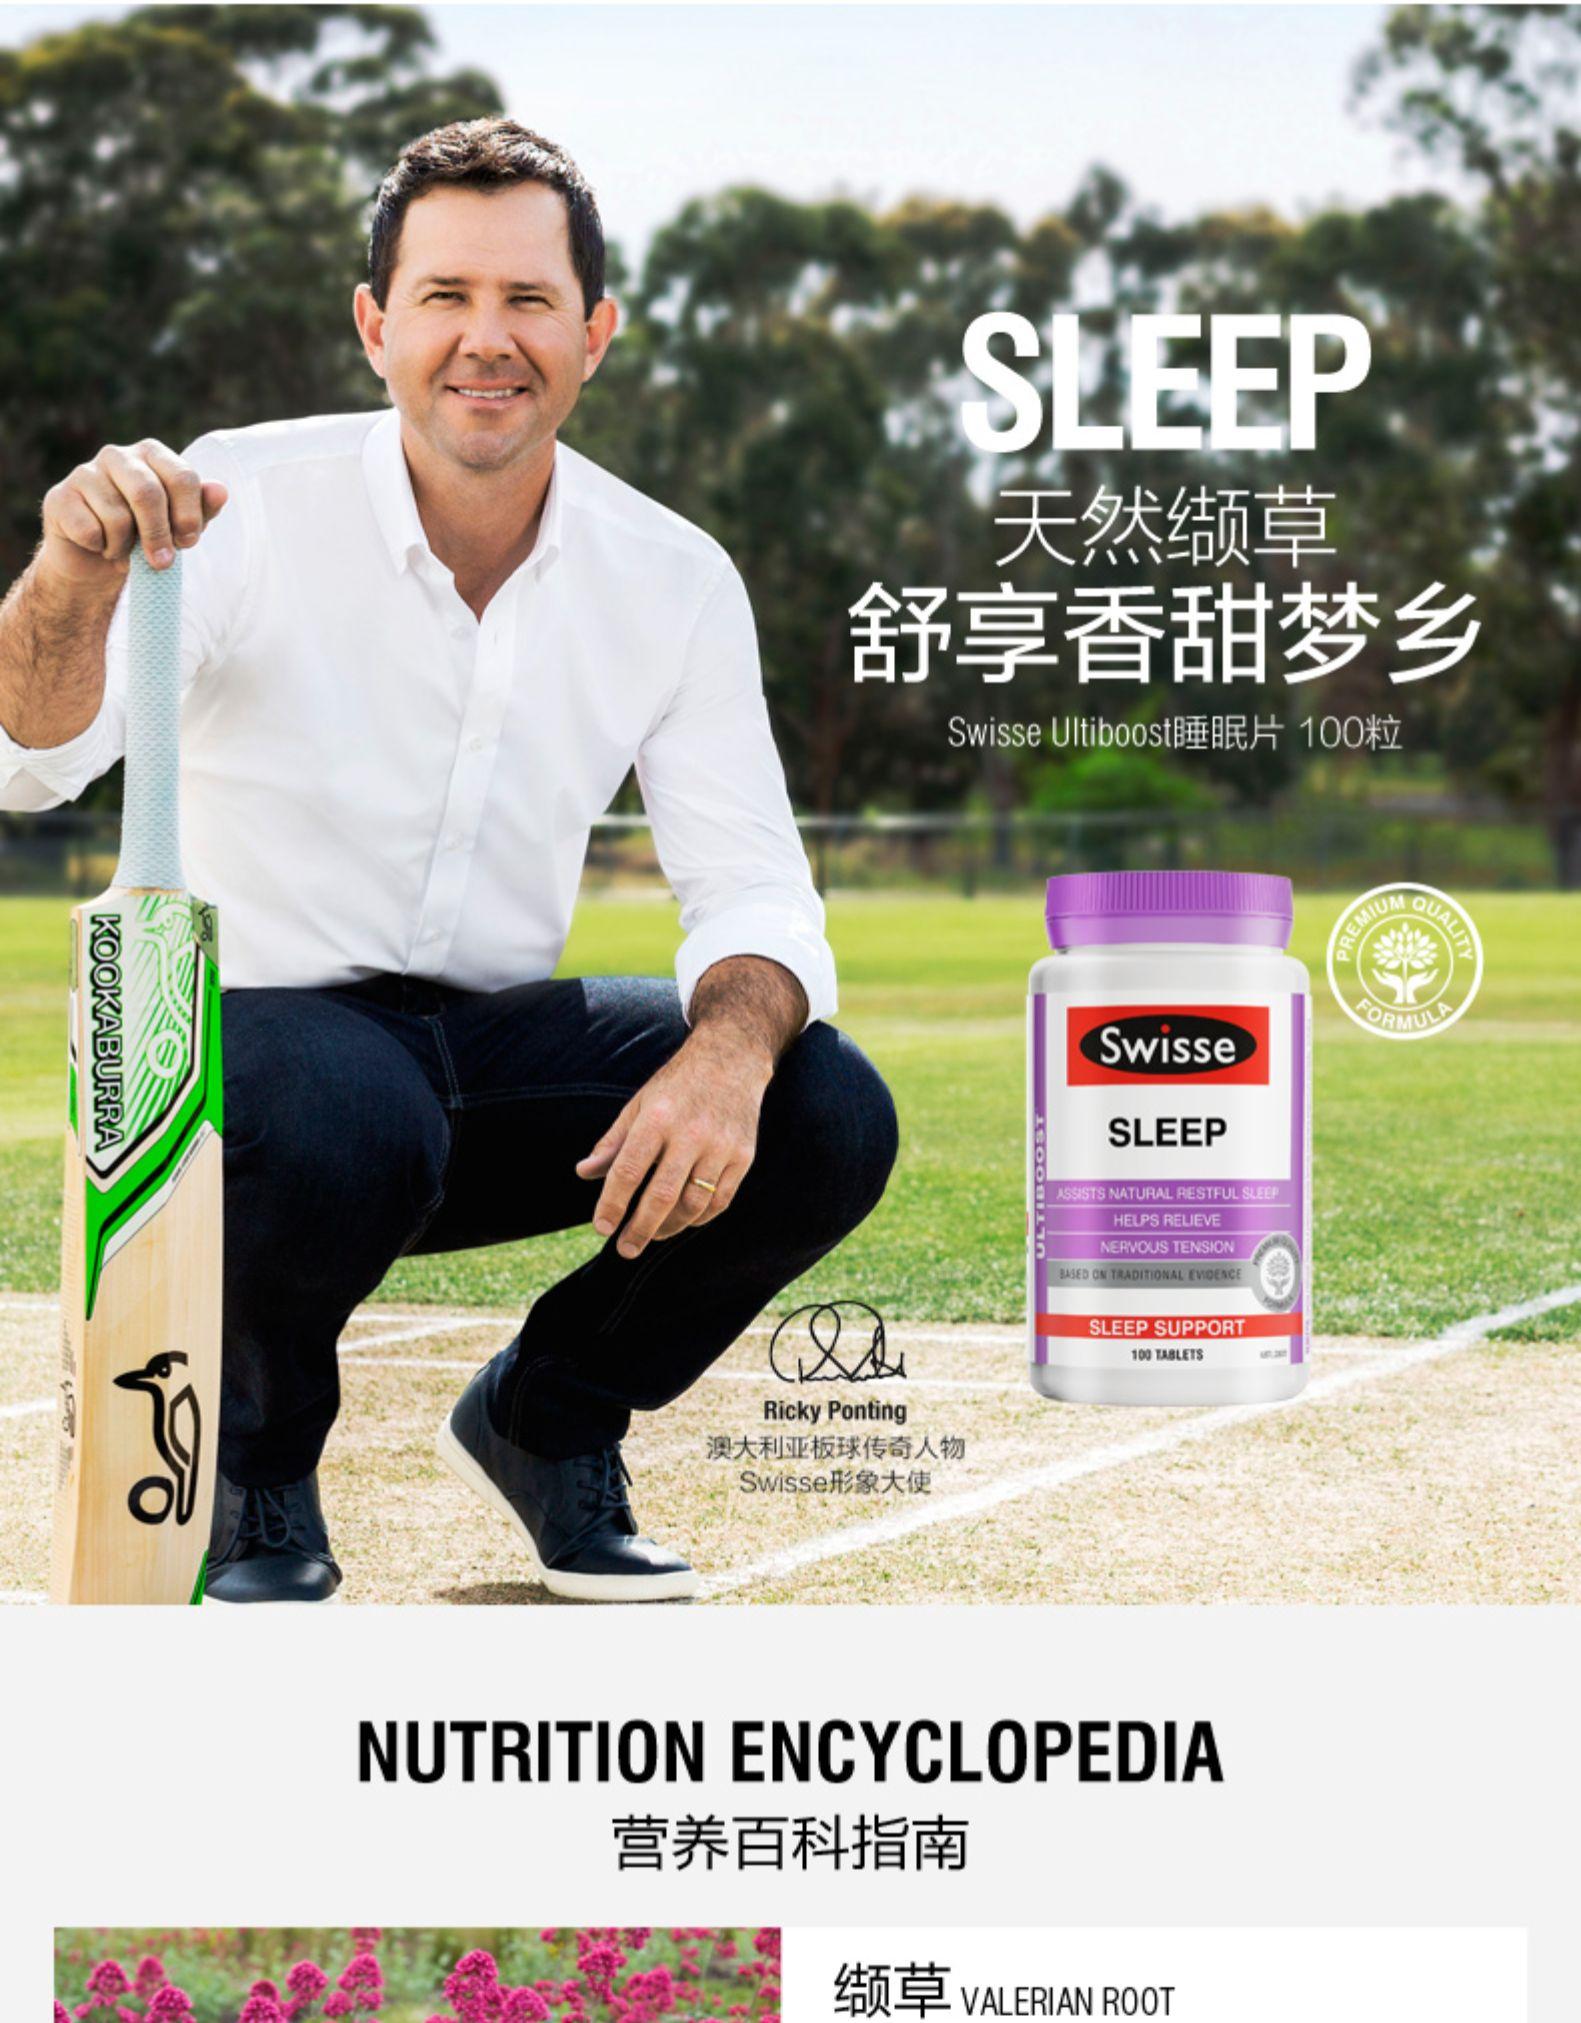 澳洲进口Swisse睡眠片100片 缬草片 自然助眠安眠不含化学褪黑素¥169.00 我们的产品 第2张